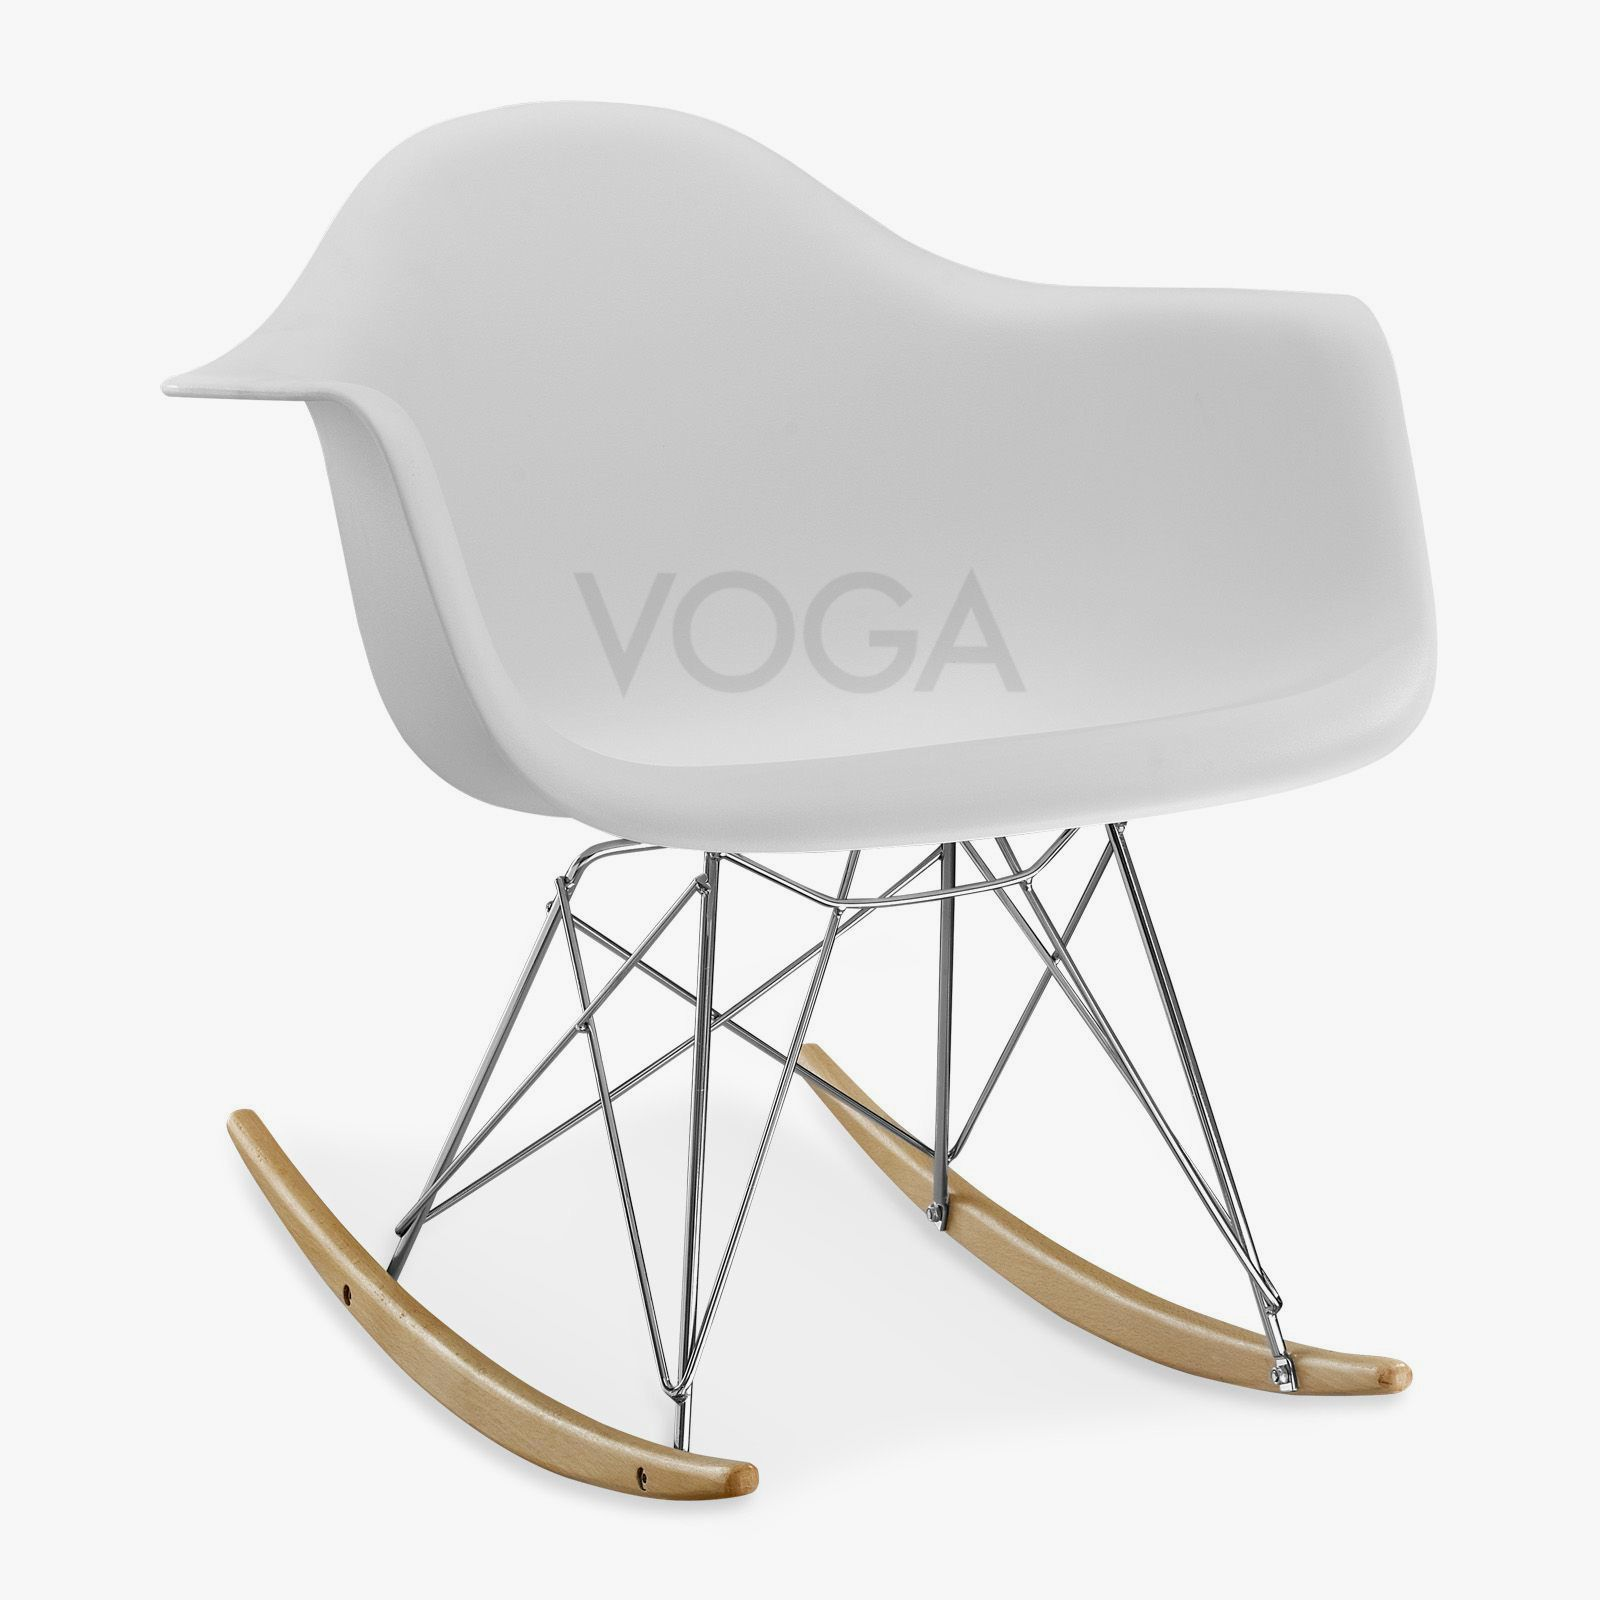 eames rar rocker in glänzendem fiberglas oder mattem plastik ... - Chaise A Bascule Charles Eames